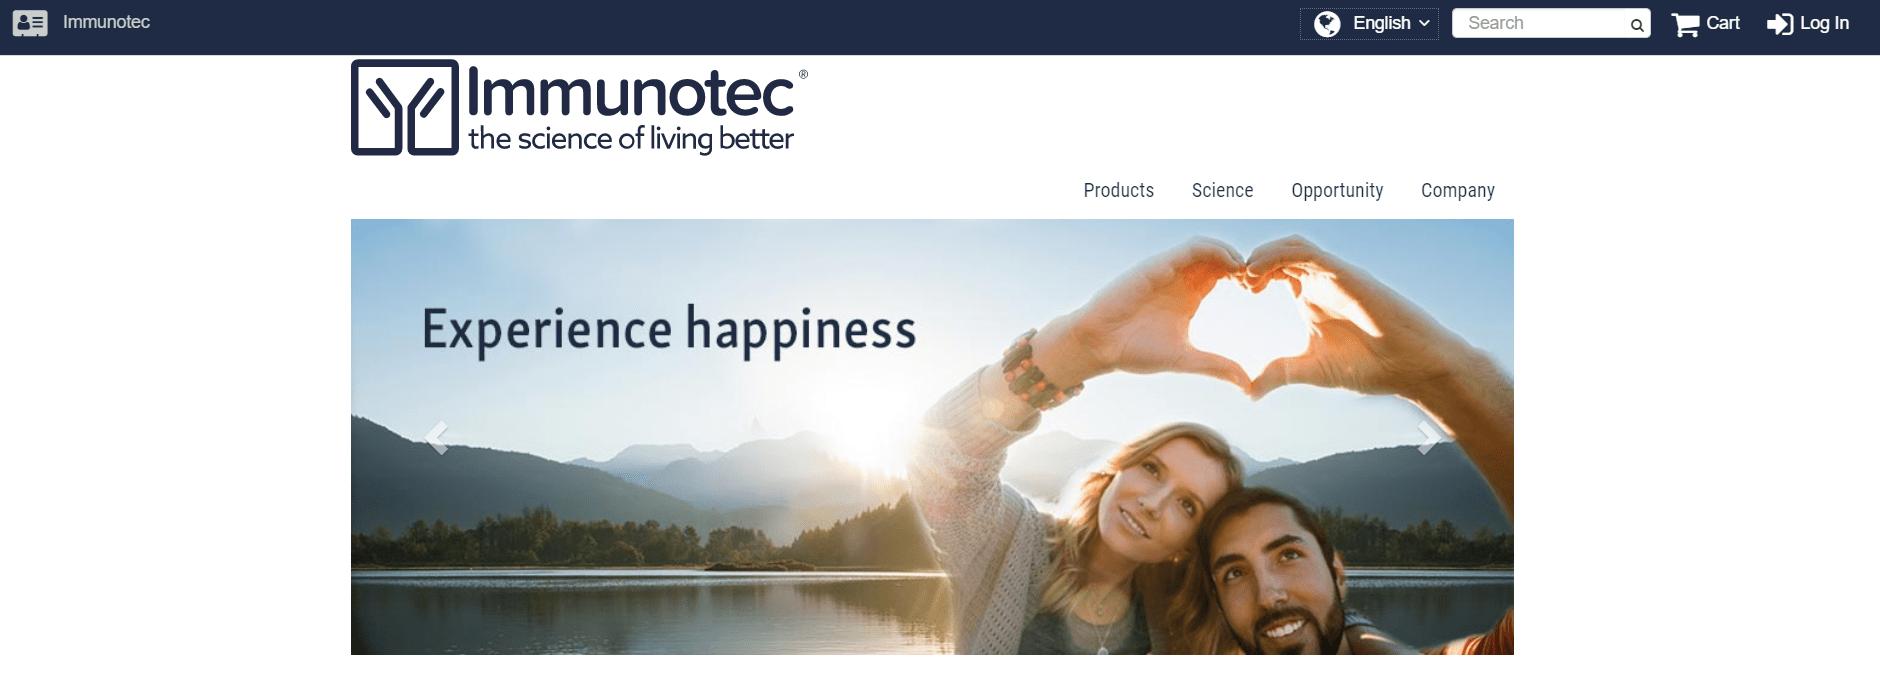 immunotec website